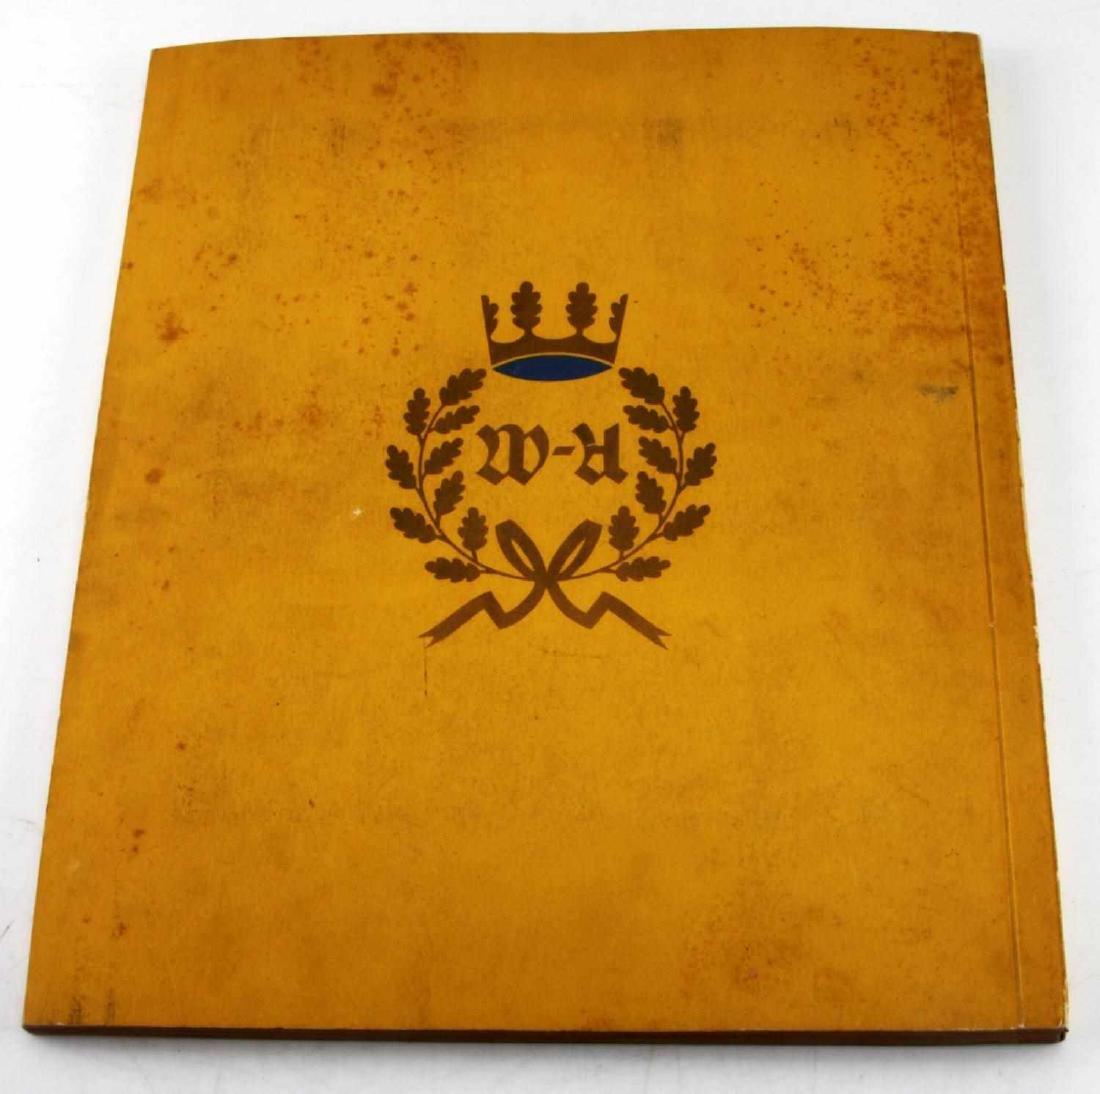 WWII THIRD REICH GERMAN ORDEN BOOK PAPERBACK - 3